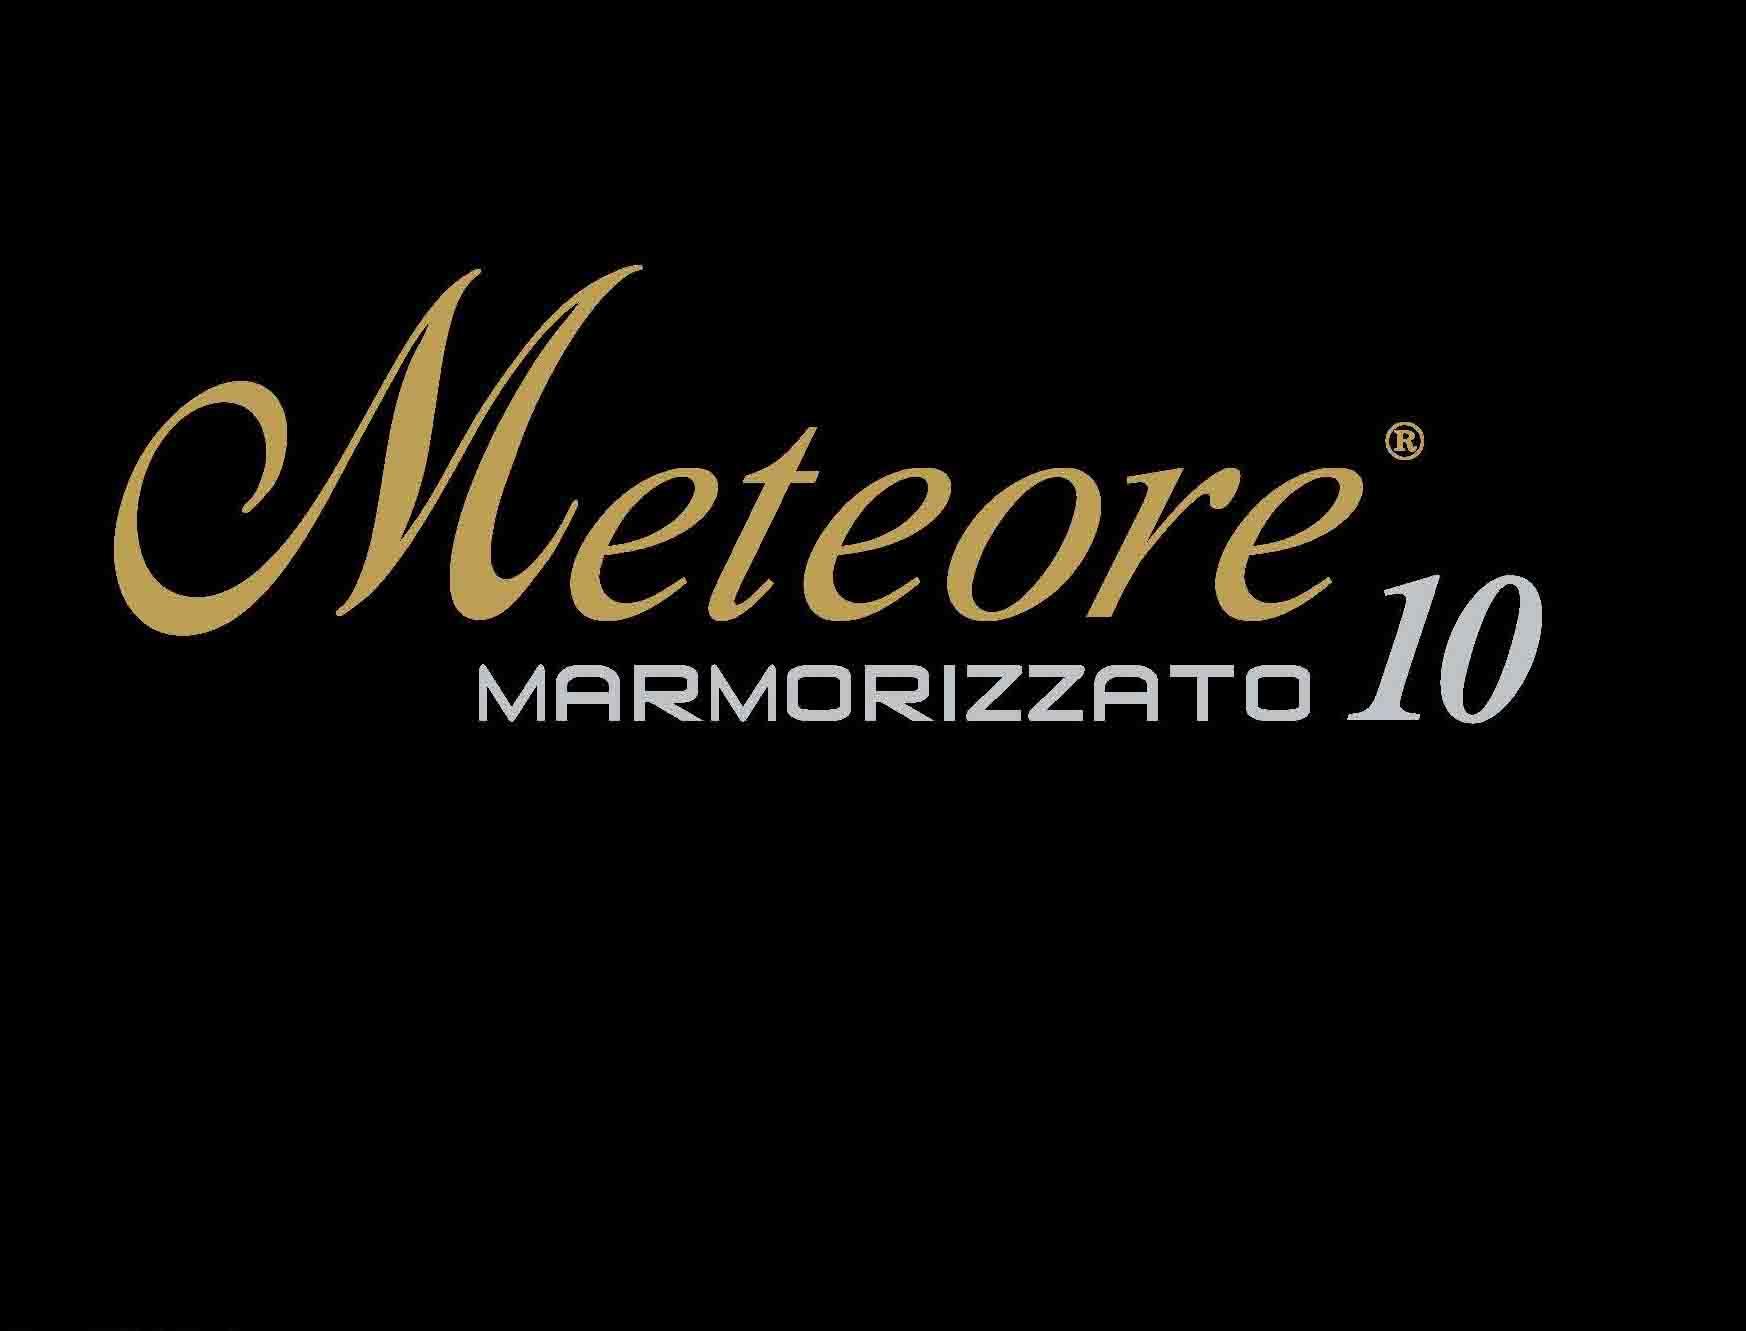 สีเทคเจอร์ Ecatalog Meteore 10 Marmorizzato